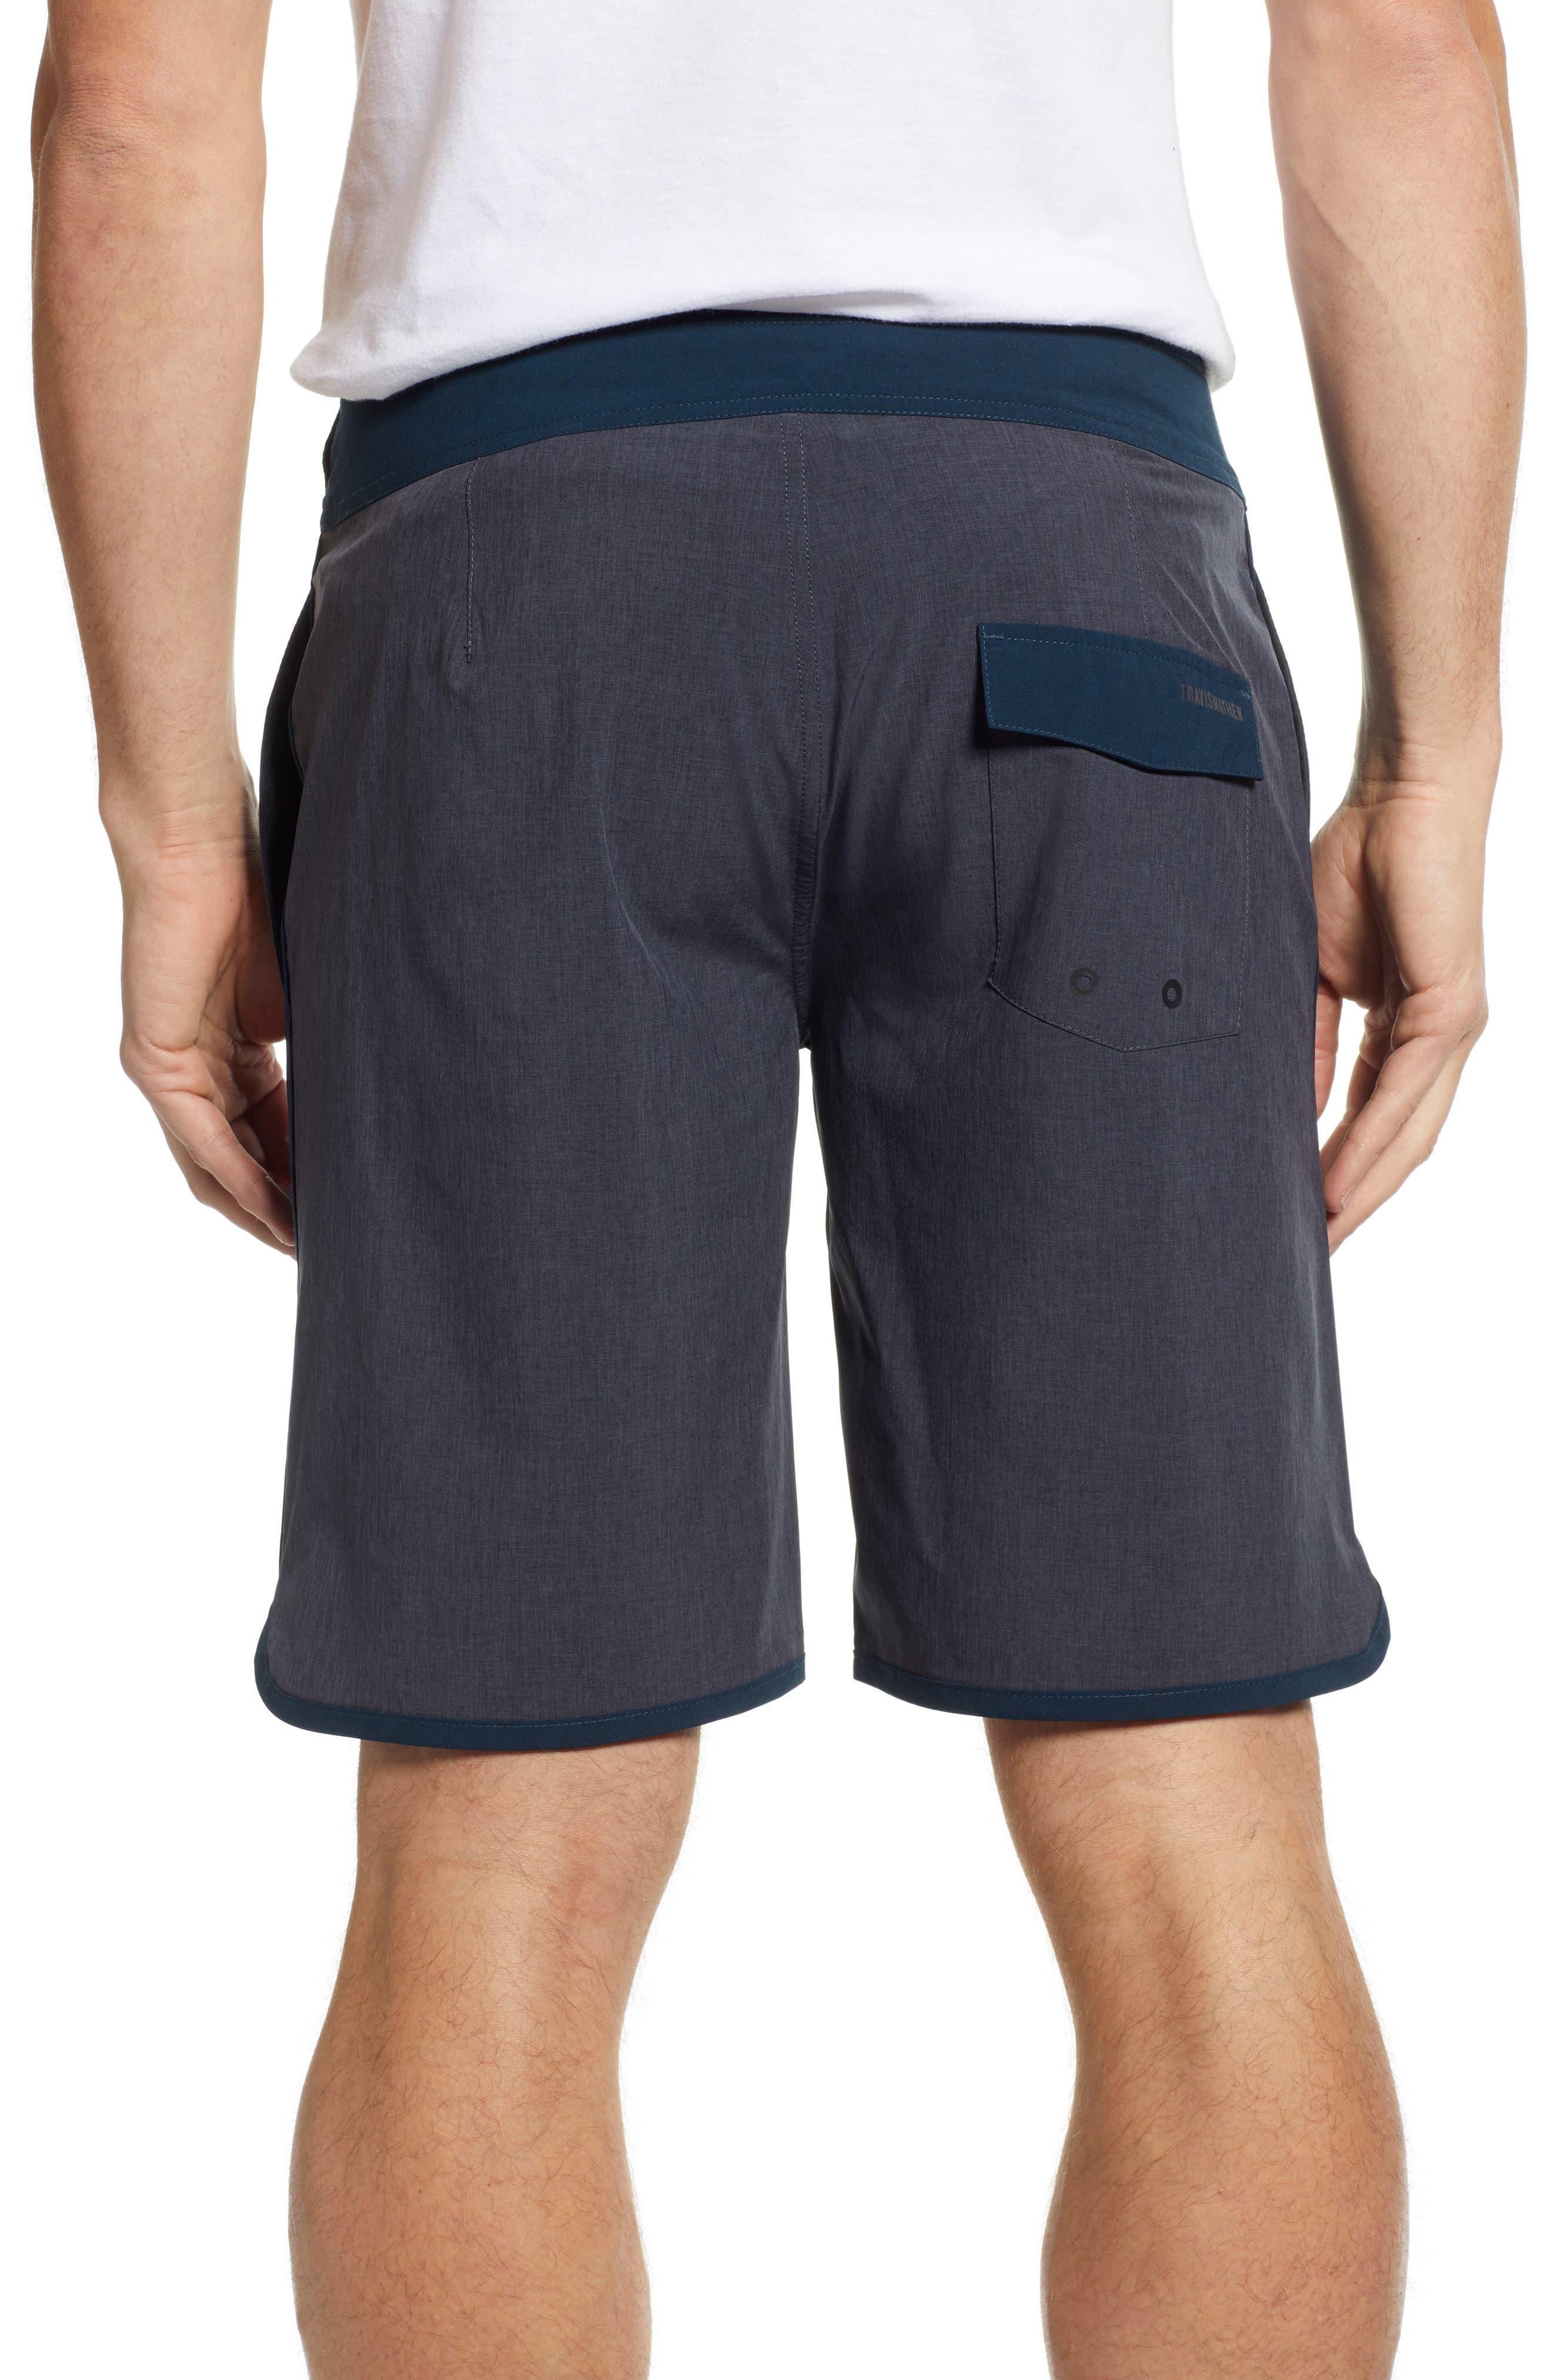 Yoni Hybrid Shorts,                             Alternate thumbnail 2, color,                             HEATHER BLACK